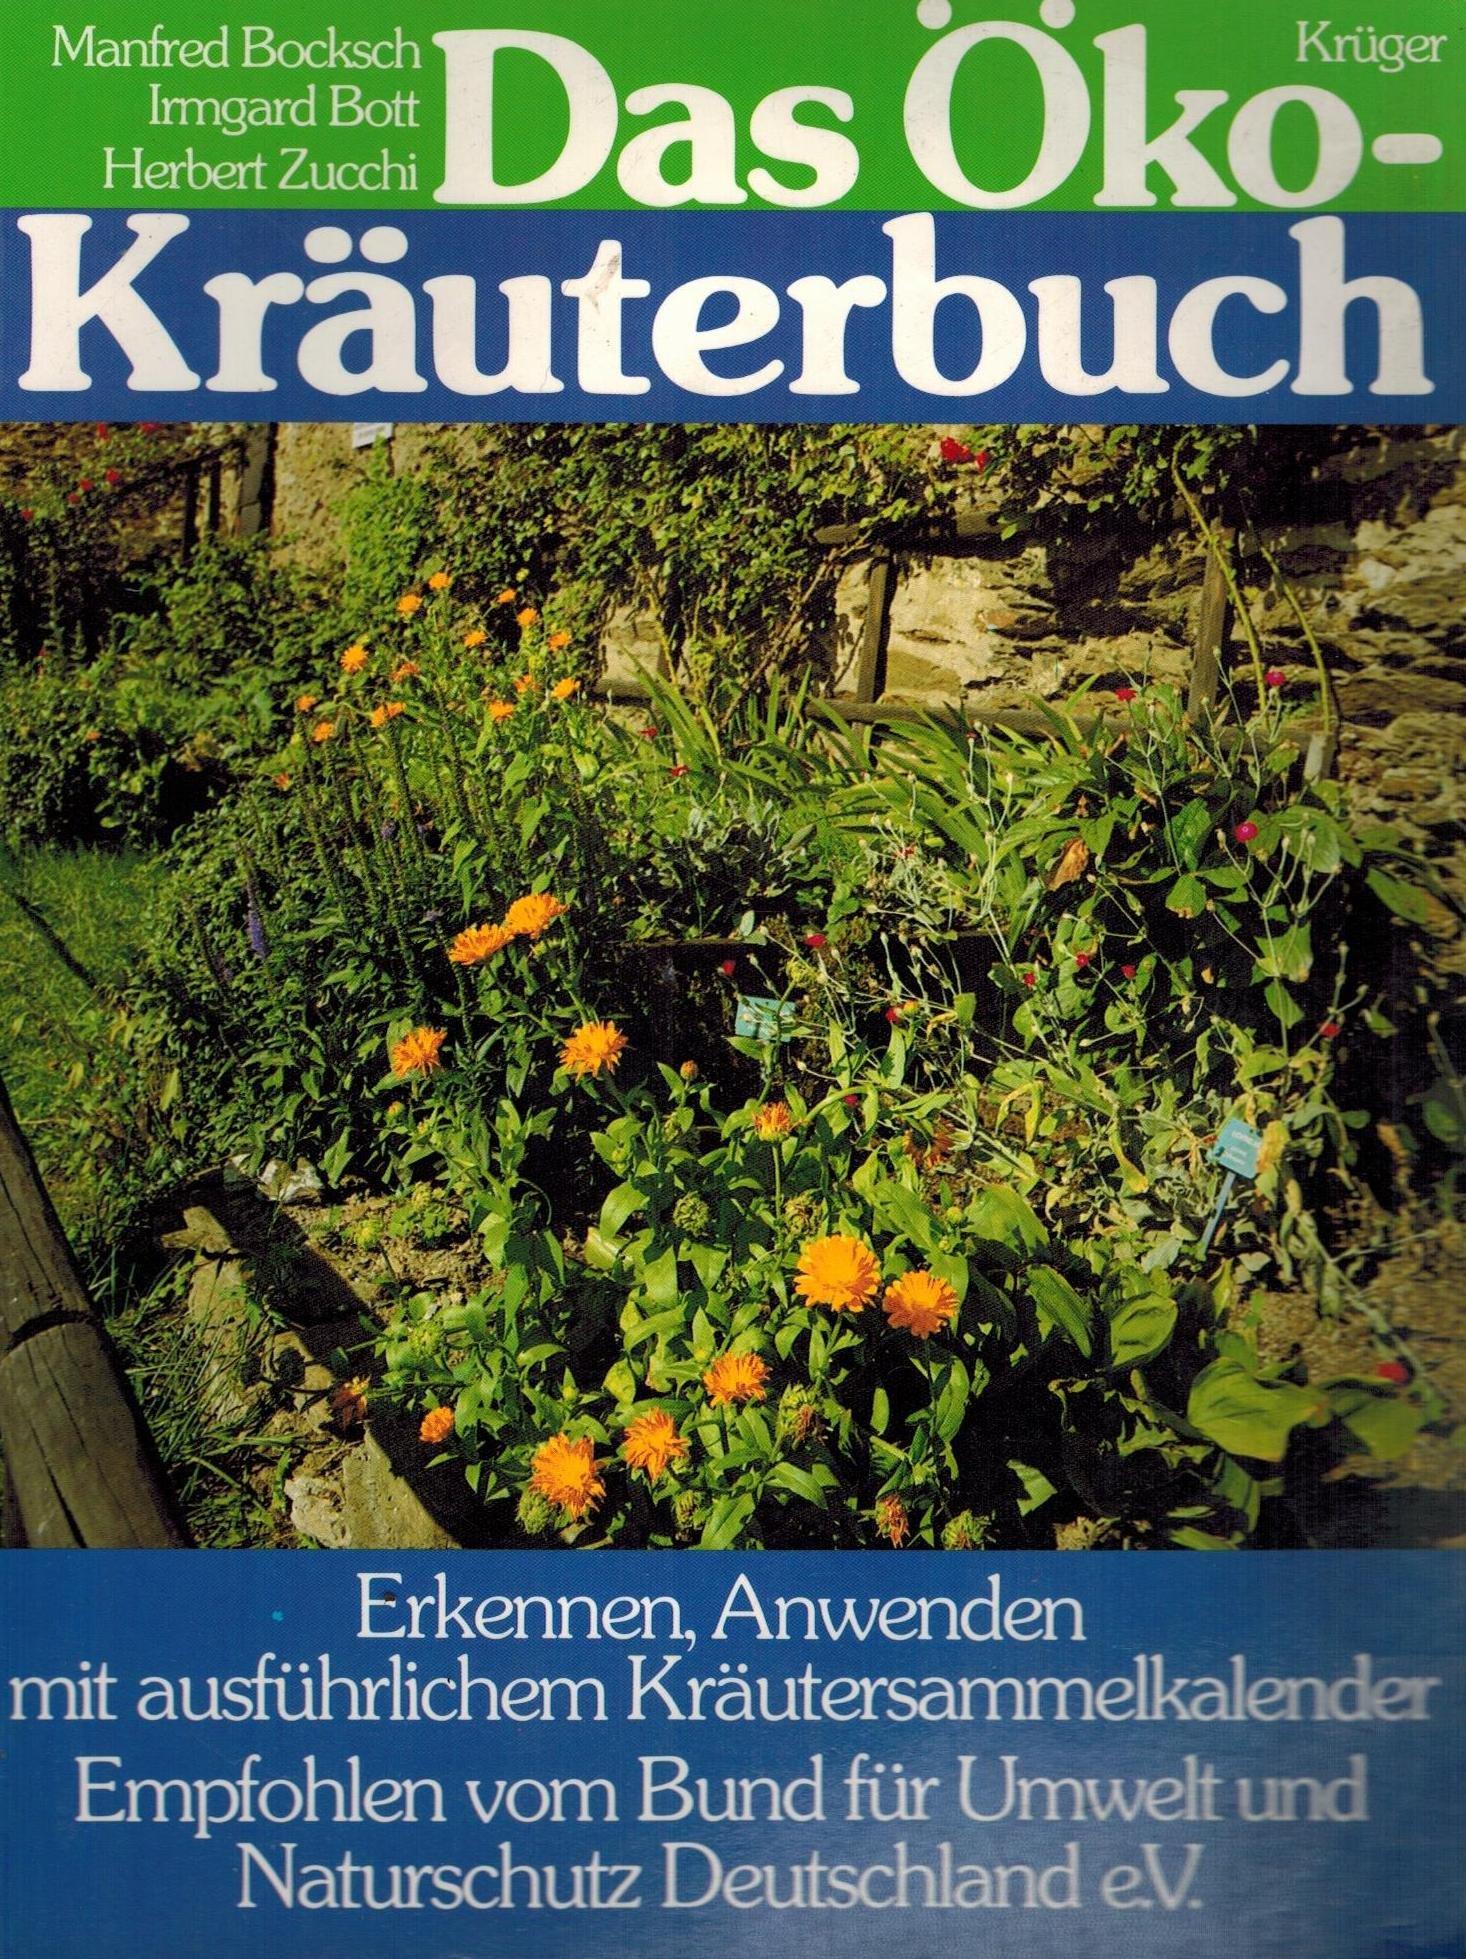 Das Öko - Kräuterbuch. Erkennen, Anwenden - mit ausführlichem Kräutersammelkalender